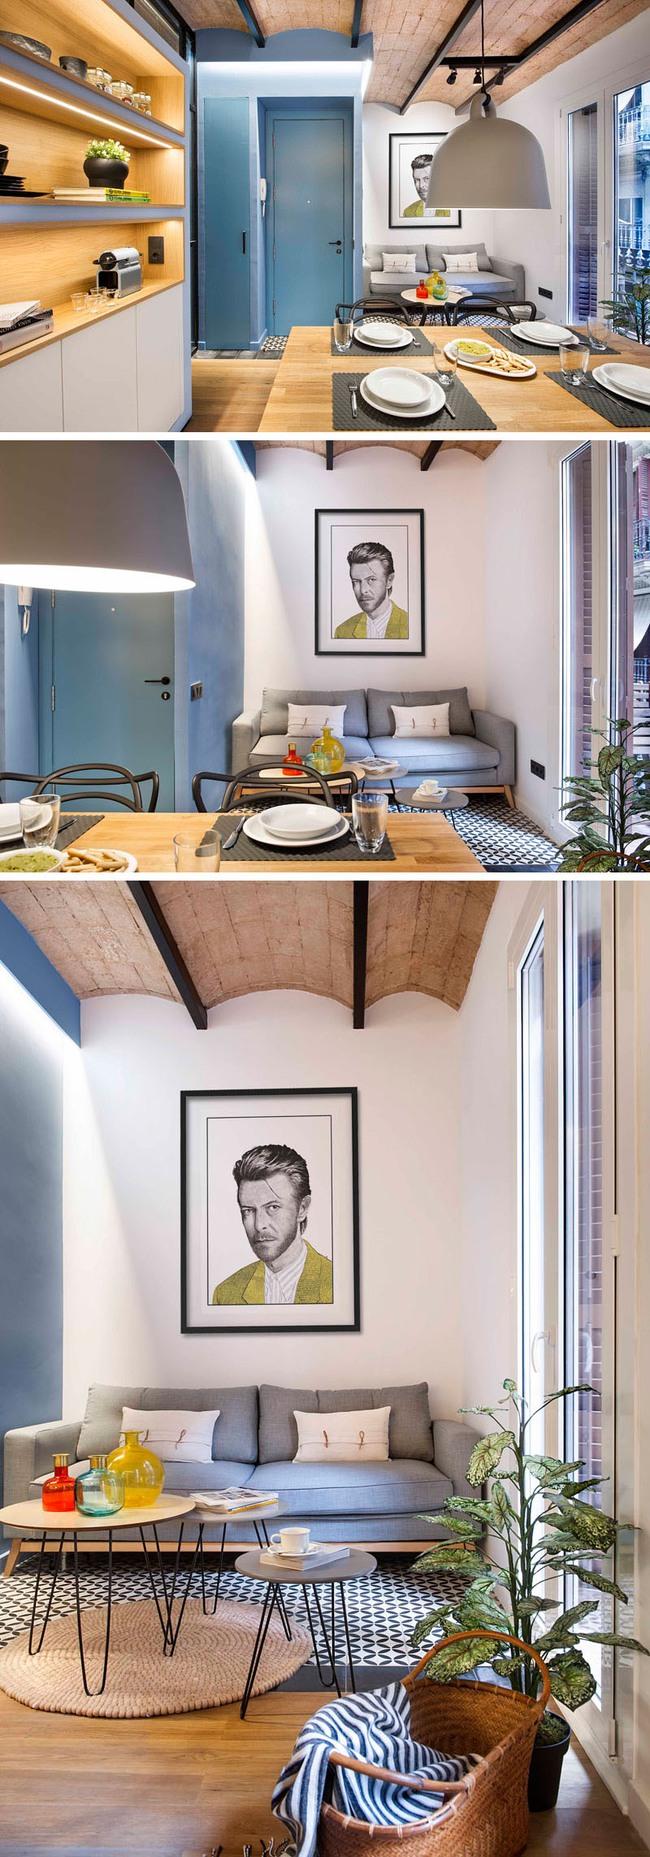 Sở hữu căn hộ nhỏ tuyệt vời như thế này thì cần gì nhà rộng làm chi cho mệt - Ảnh 3.